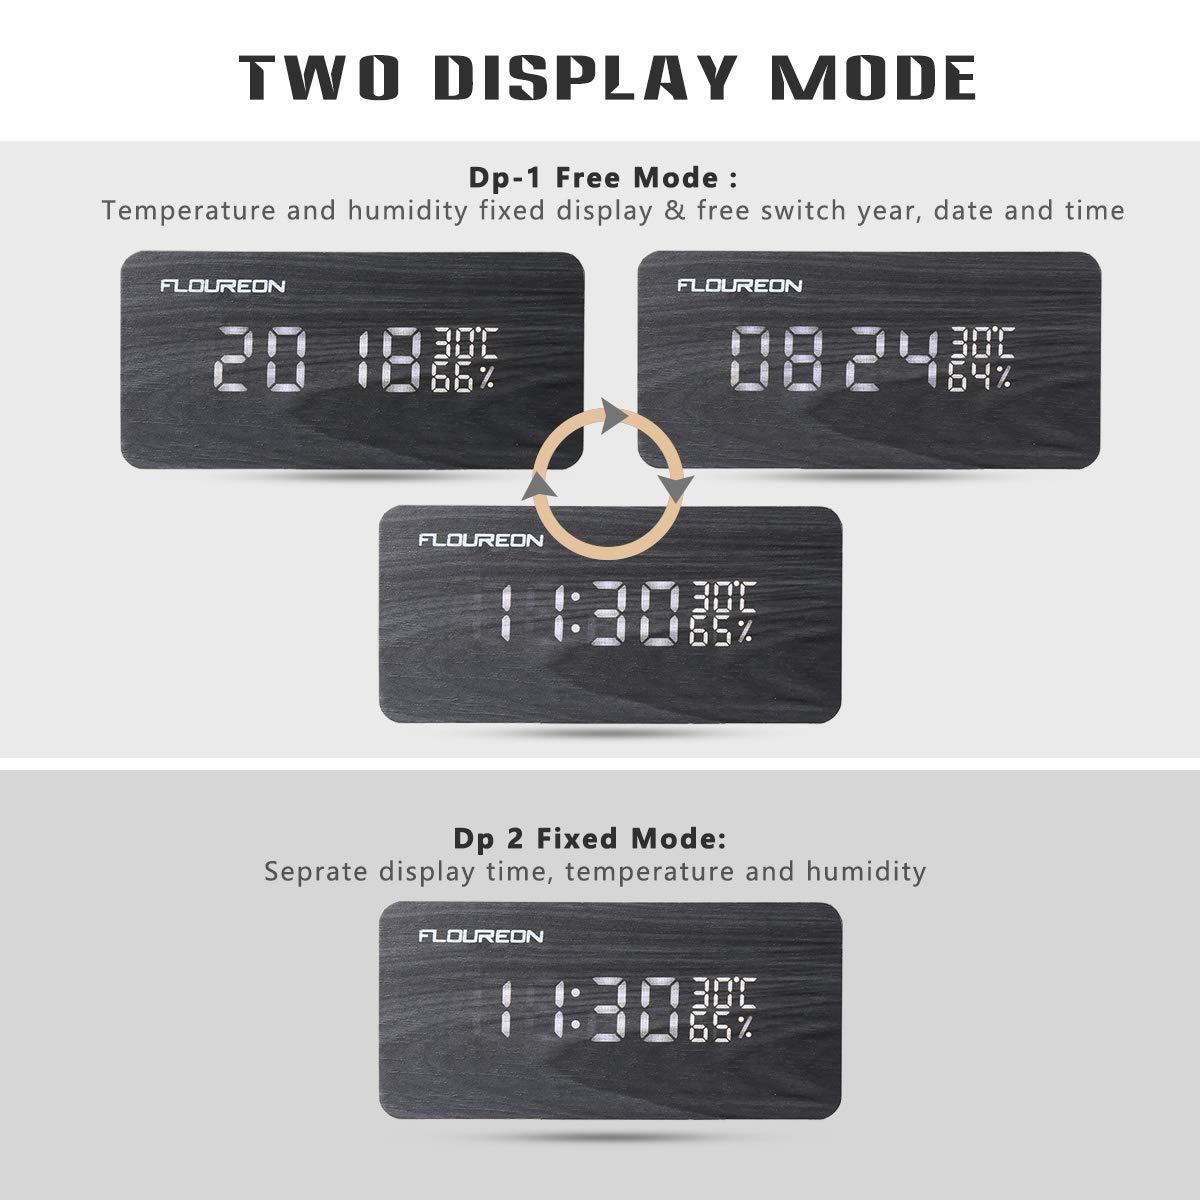 FLOUREON Digitale Wecker, Funk Wecker, LED Display Holzuhr mit 2 Stromversorgungsmodi, 3 Helligkeit, Datum Uhrzeit, Temperatur und Luftfeuchtigkeit (Schwarz)